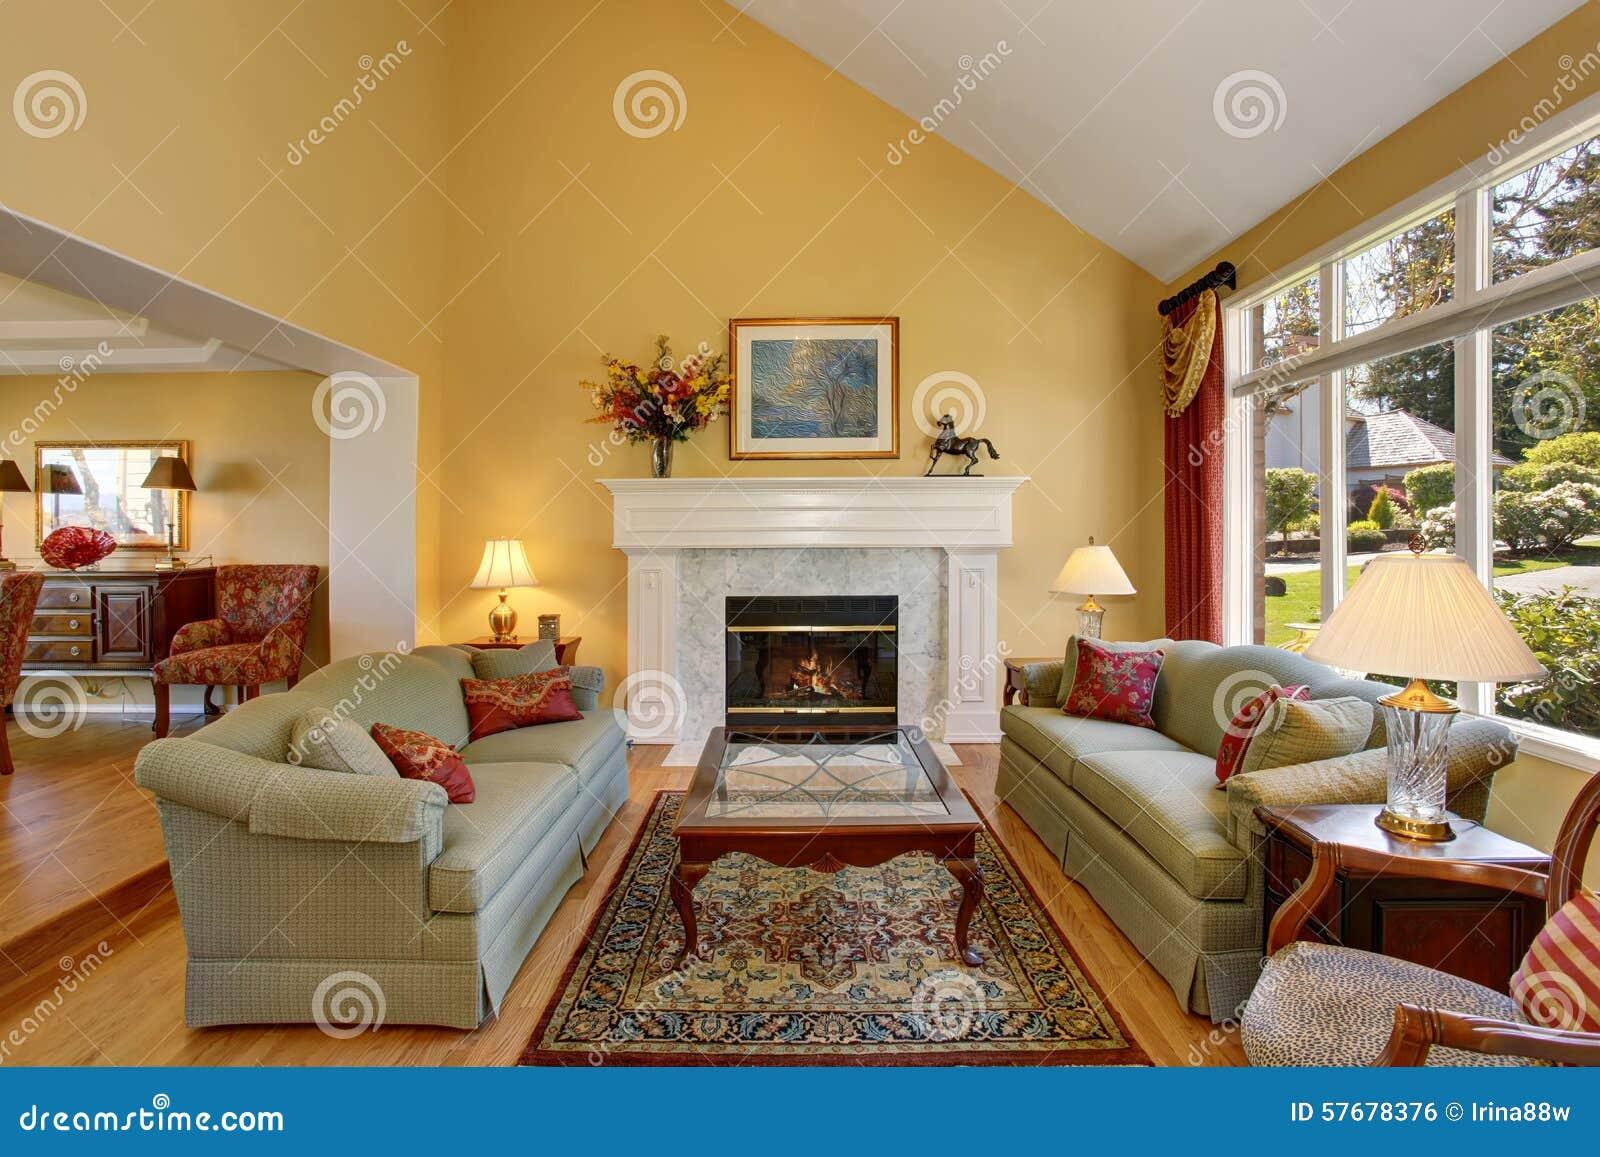 Glänzendes wohnzimmer mit grünen sofas und gelbe wände stockfoto ...